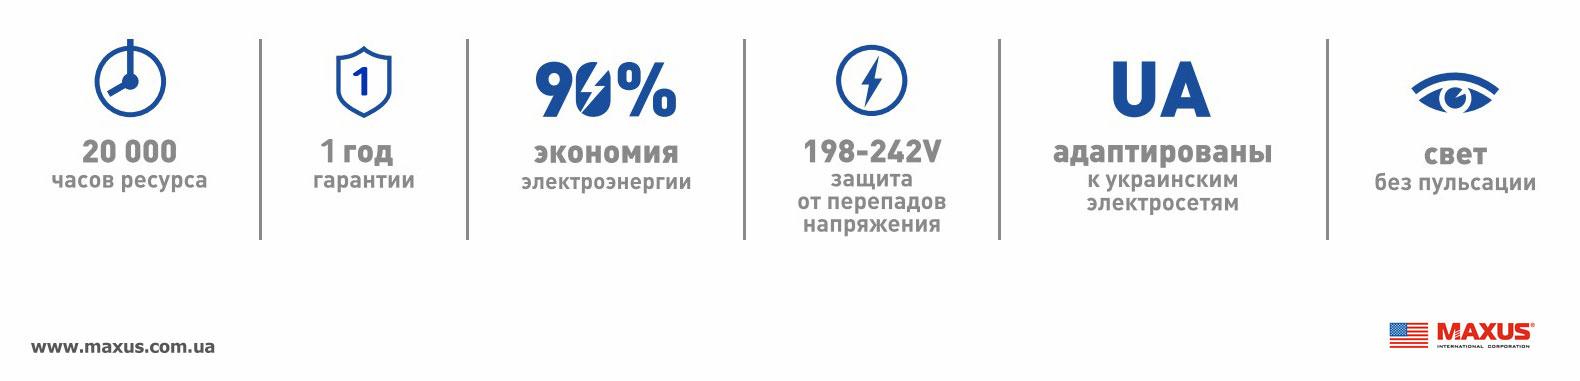 Высокомощные лампы GLOBAL LED адаптированы к украинским электросетям